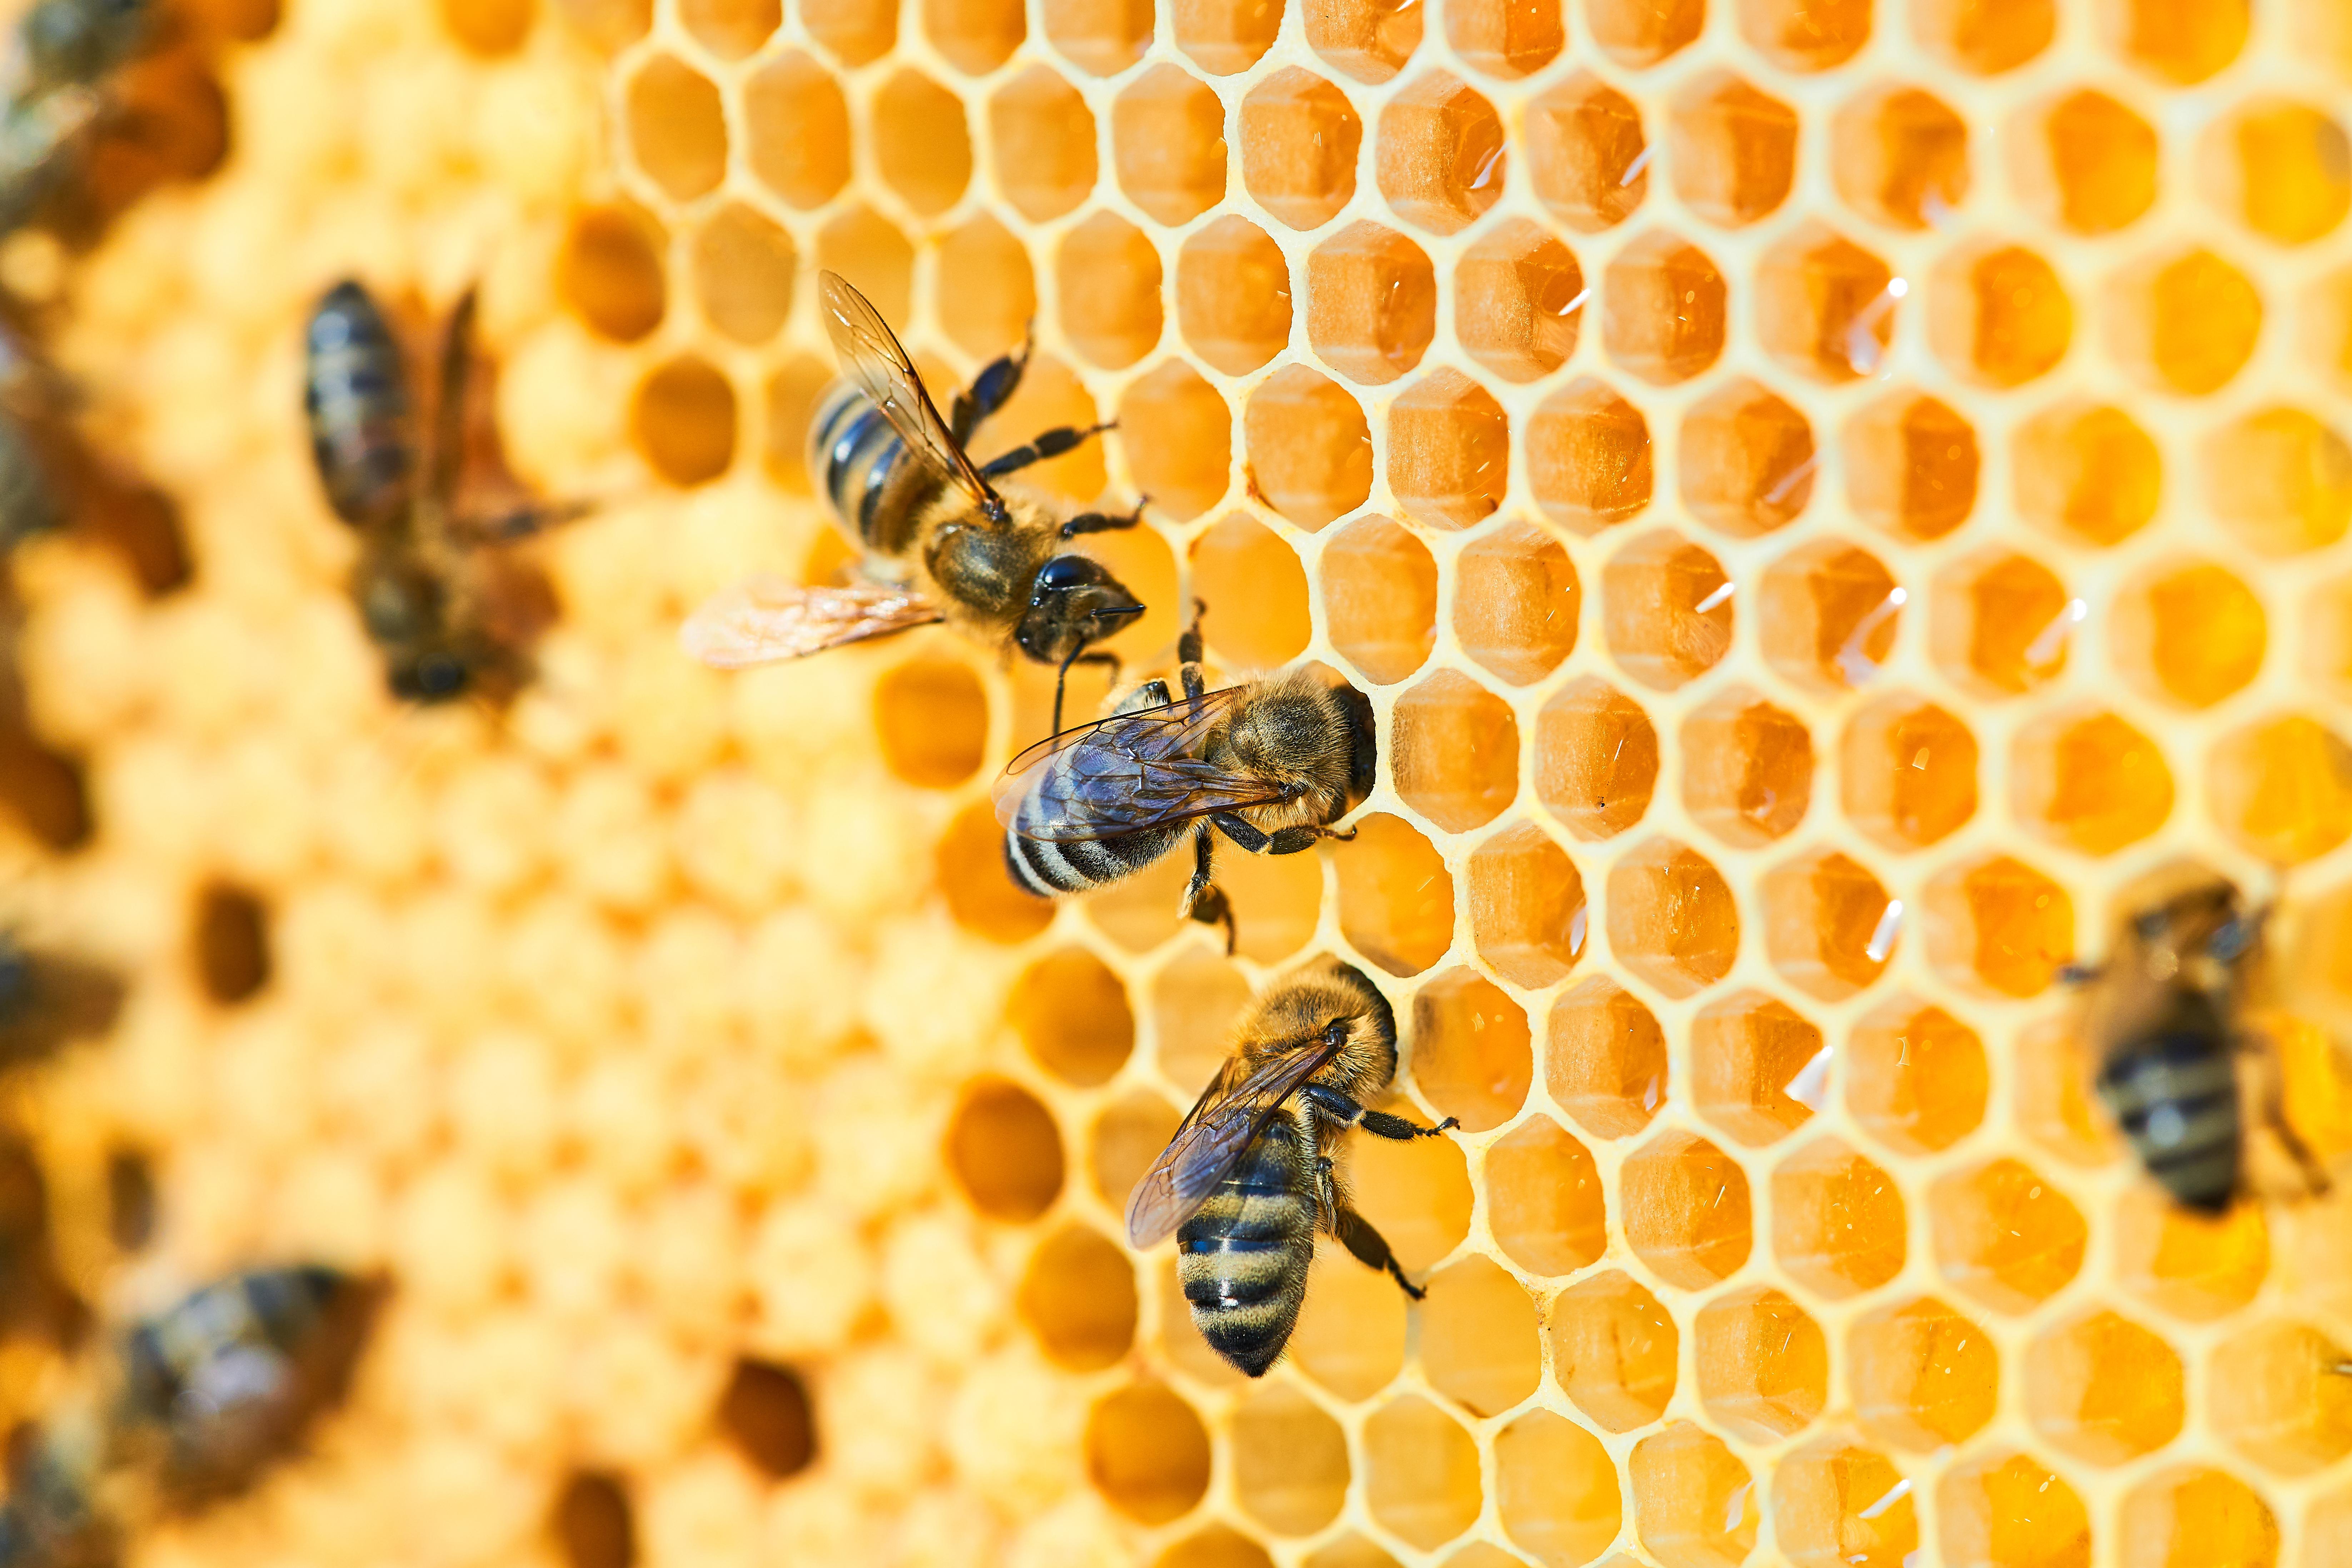 Věděli jste, že jedna včela vyprodukuje za celý svůj život jen 9 gramů medu?